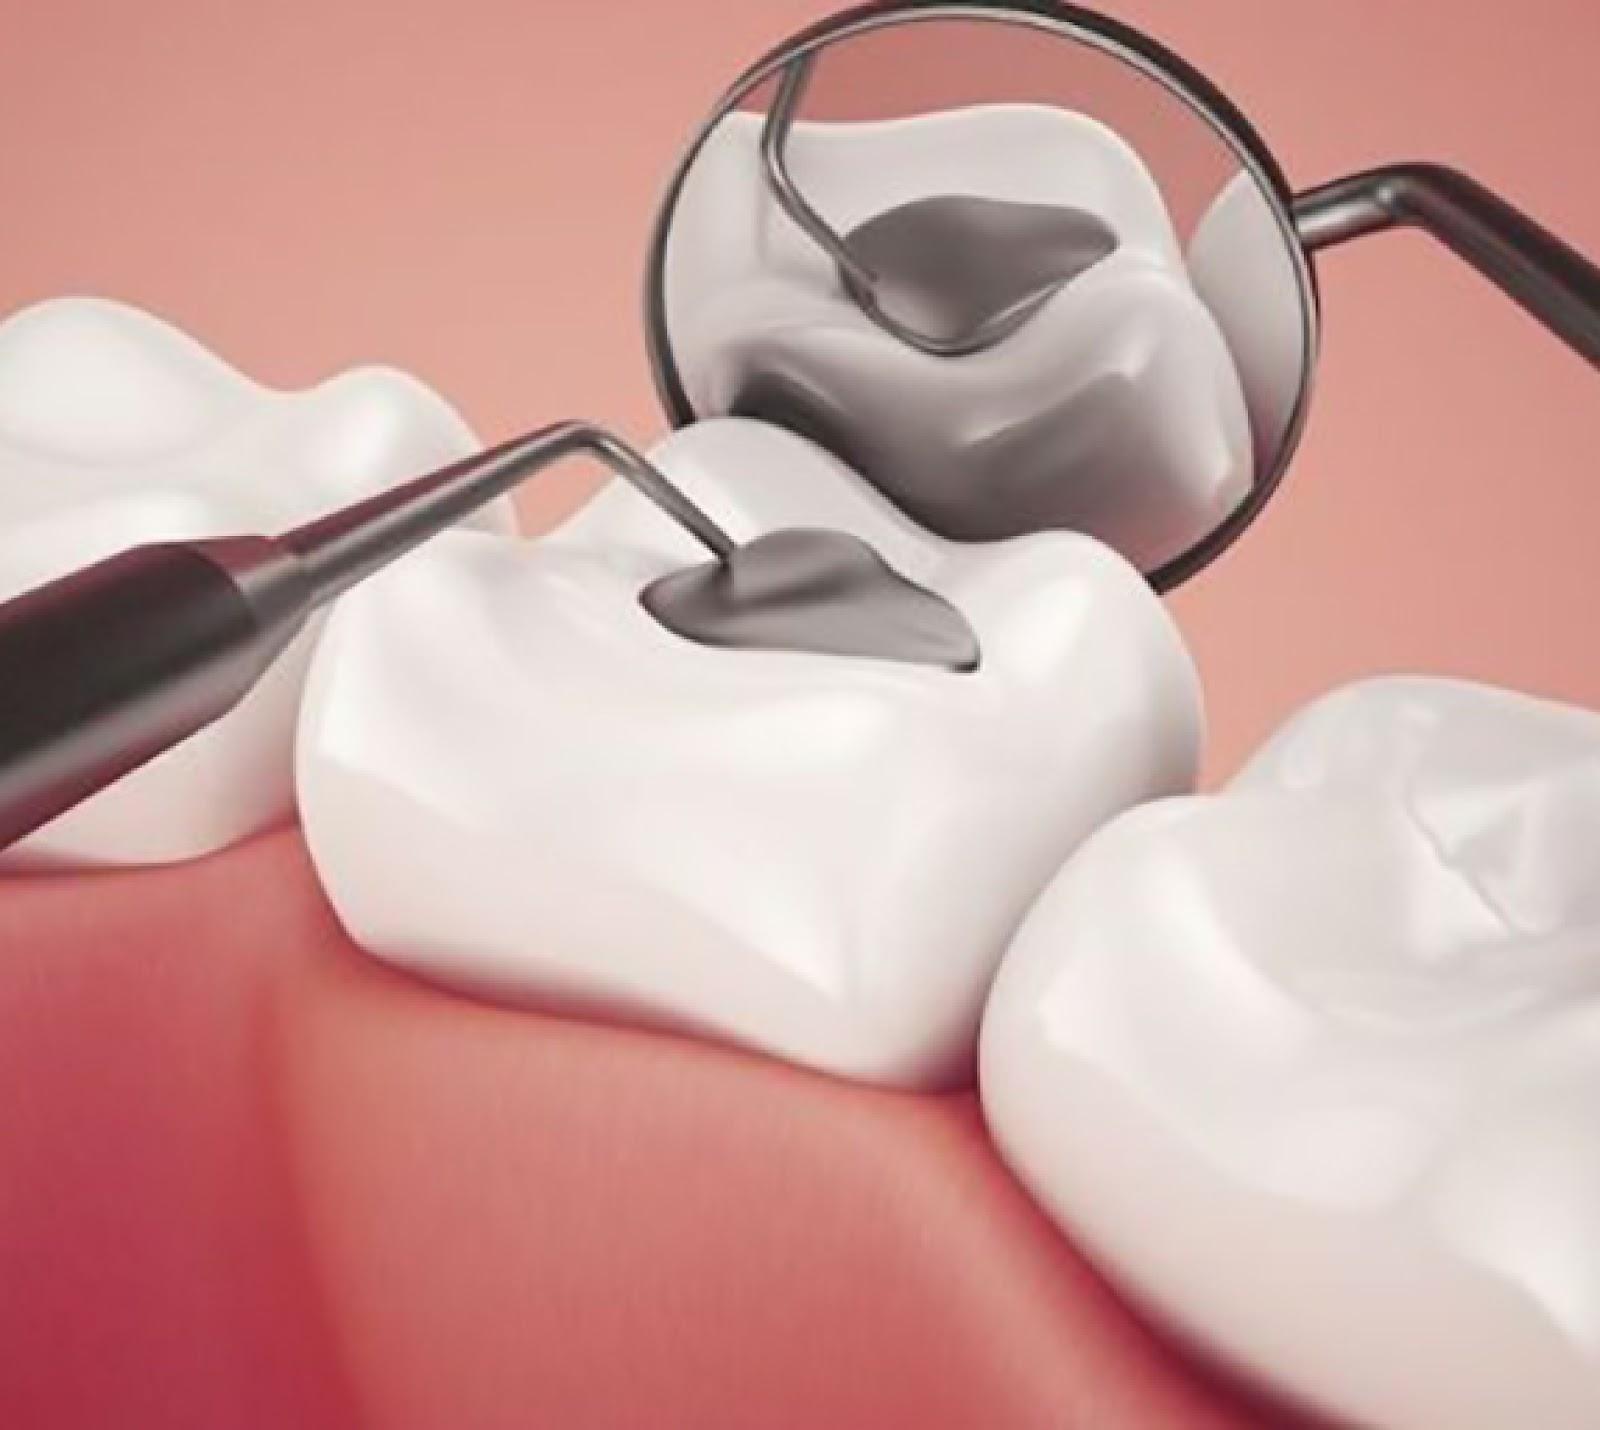 Tại sao nên hàn răng sâu và chi phí hàn răng bao nhiêu hiện nay?